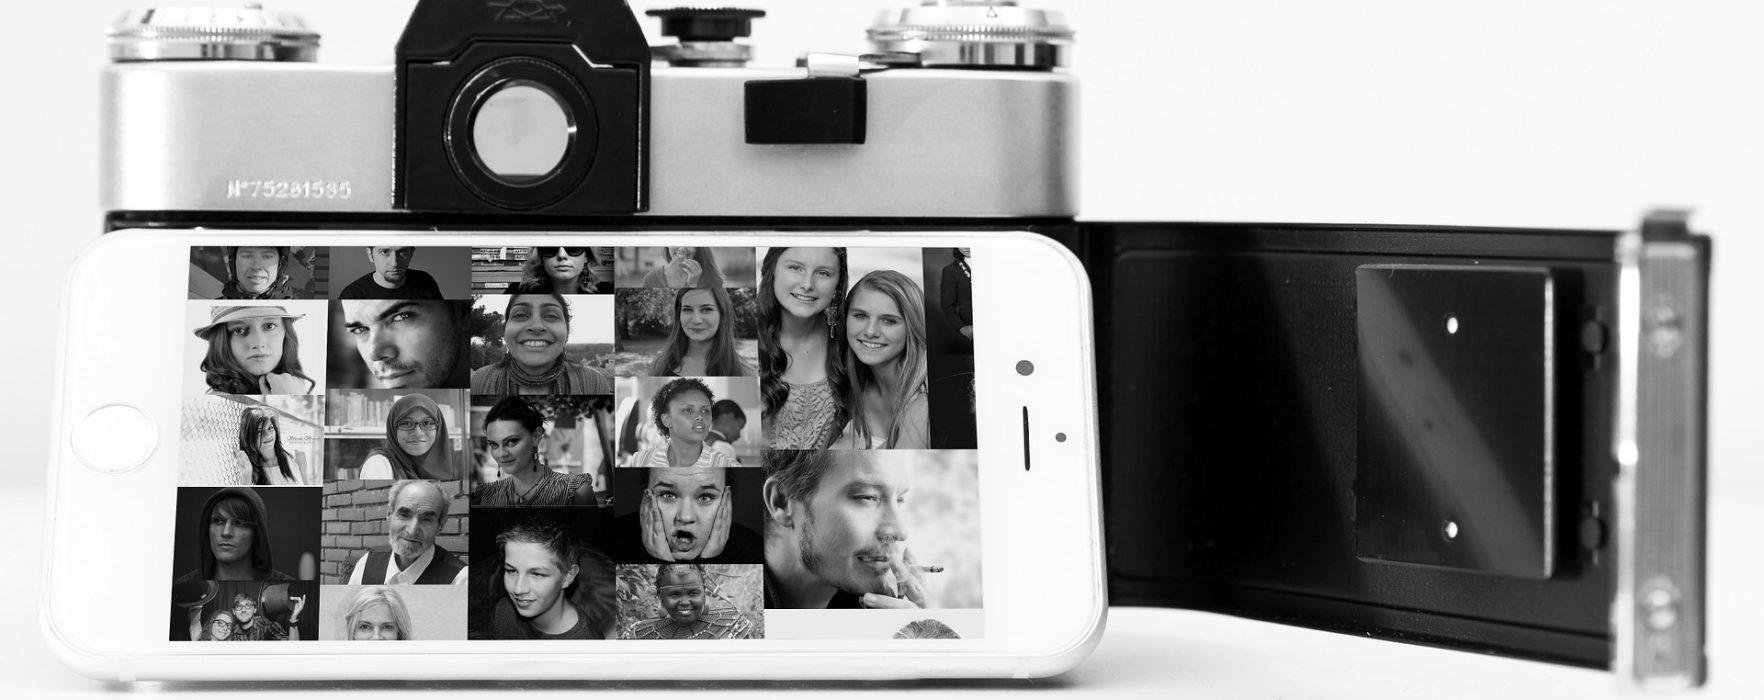 #585. How many cameras do you own?